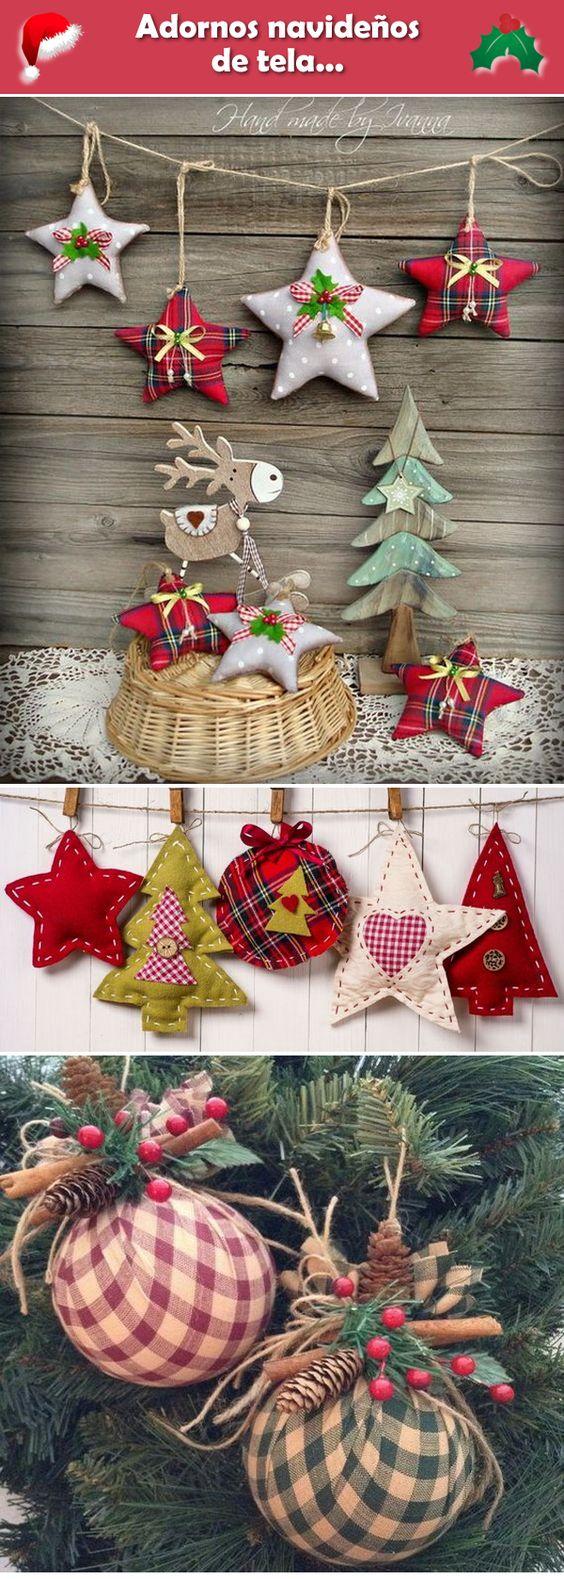 diy decoracao arvore natal tecido